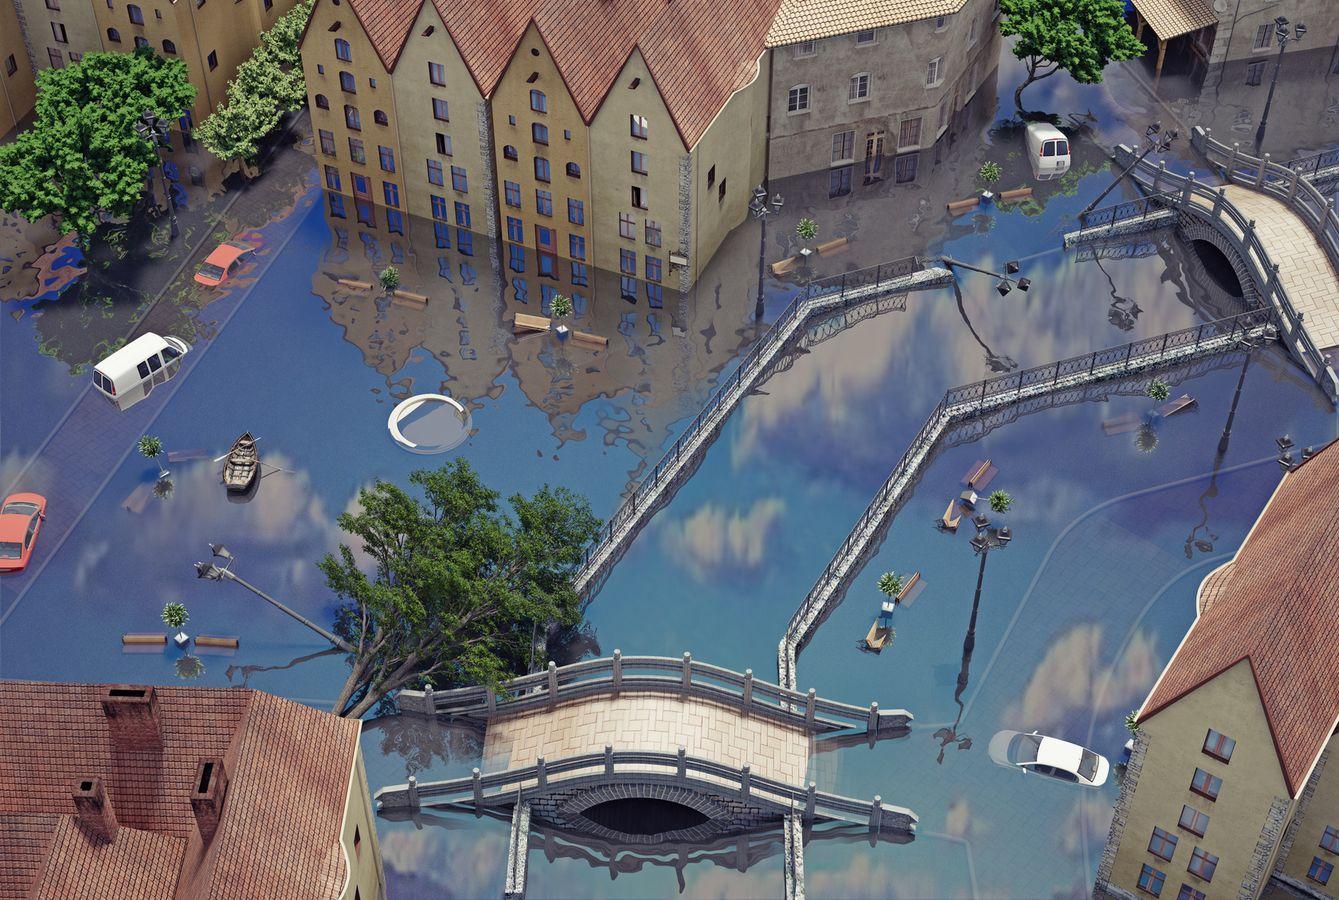 Optimiser sa gestion de crise inondation au niveau local, les enseignements des retours d'éxpérience